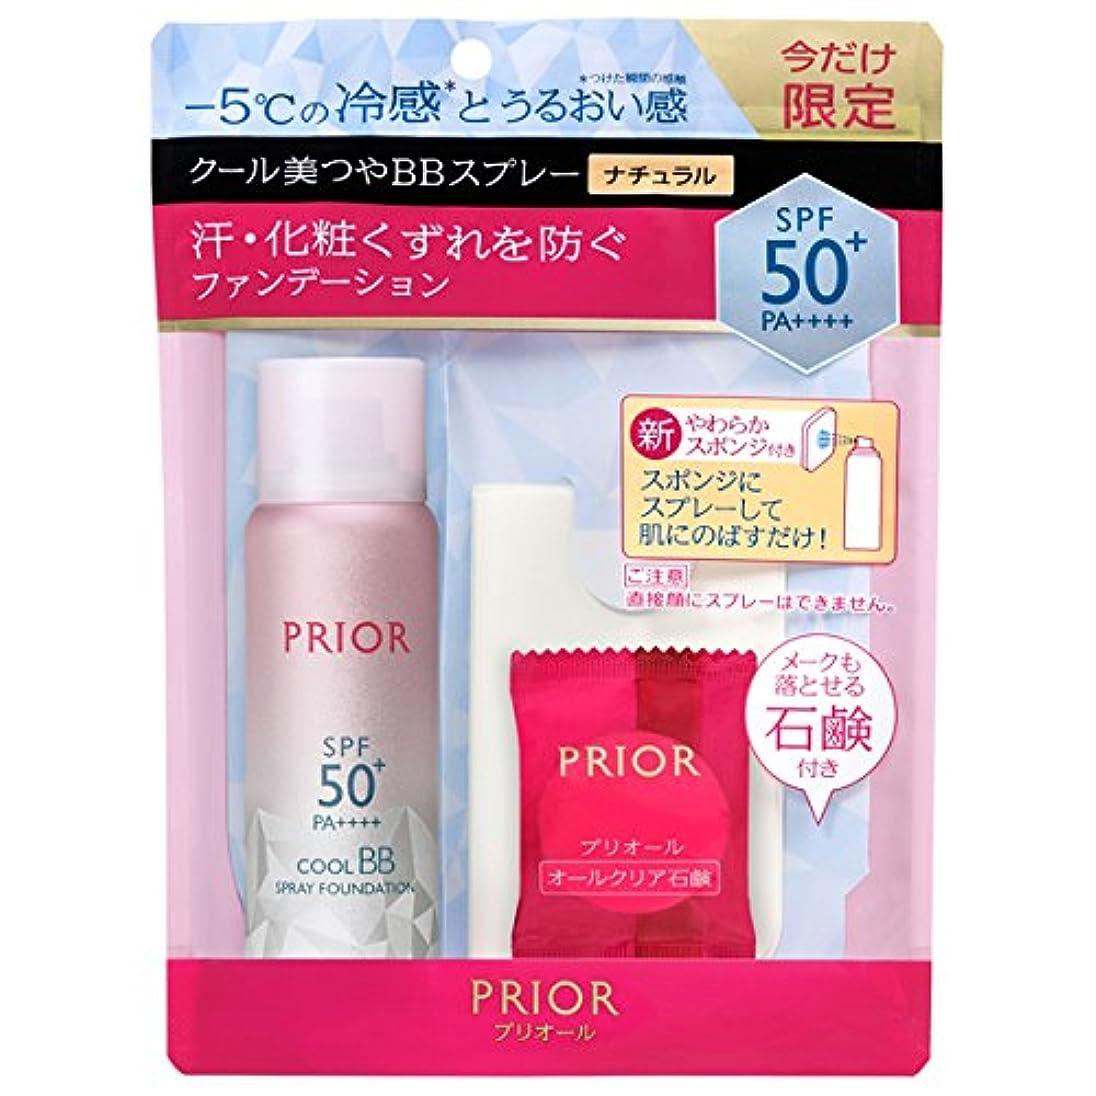 【限定品】プリオール クール美つやBBスプレー UV50 ナチュラル(自然な肌色)